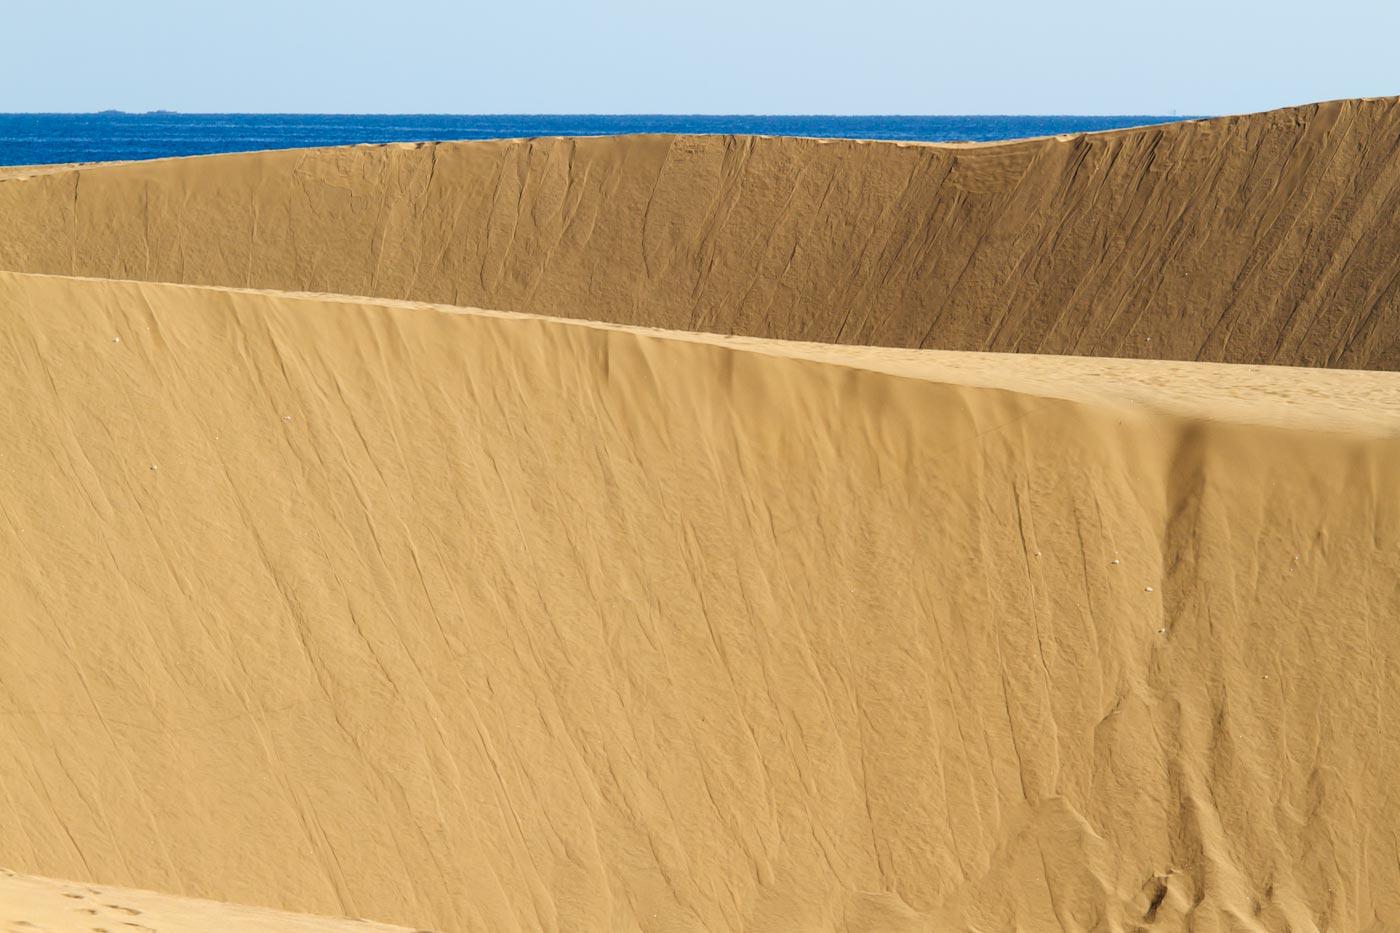 Этот день 7 лет назад: Дюны Маспаломас, декабрь на Гран Канария